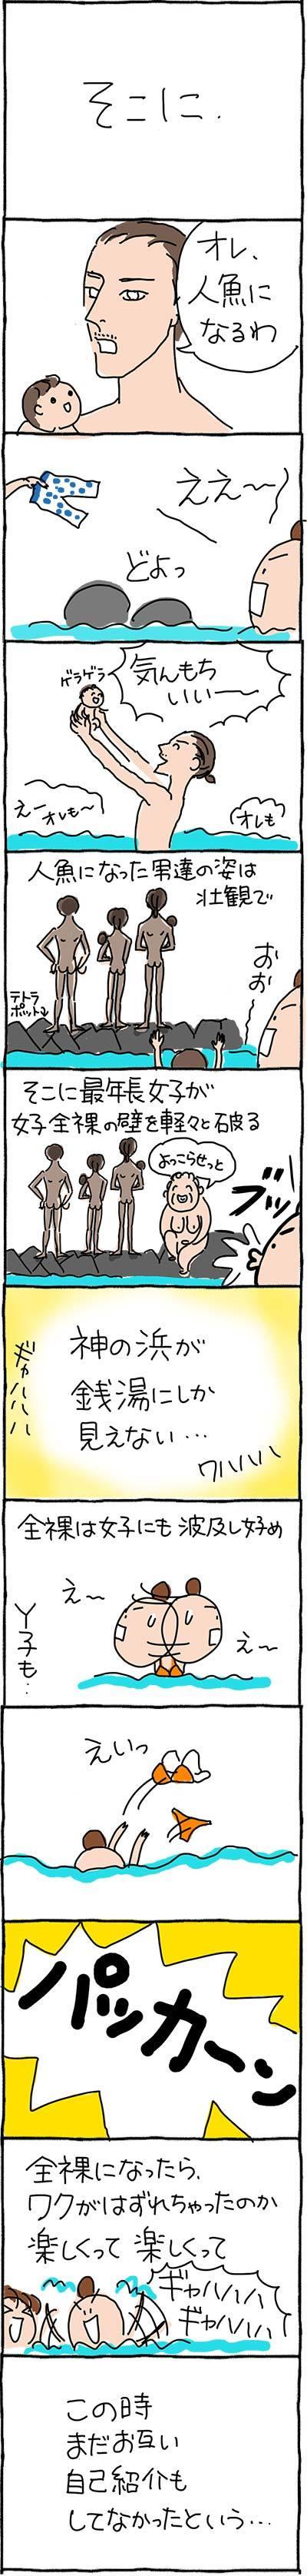 170801全裸02